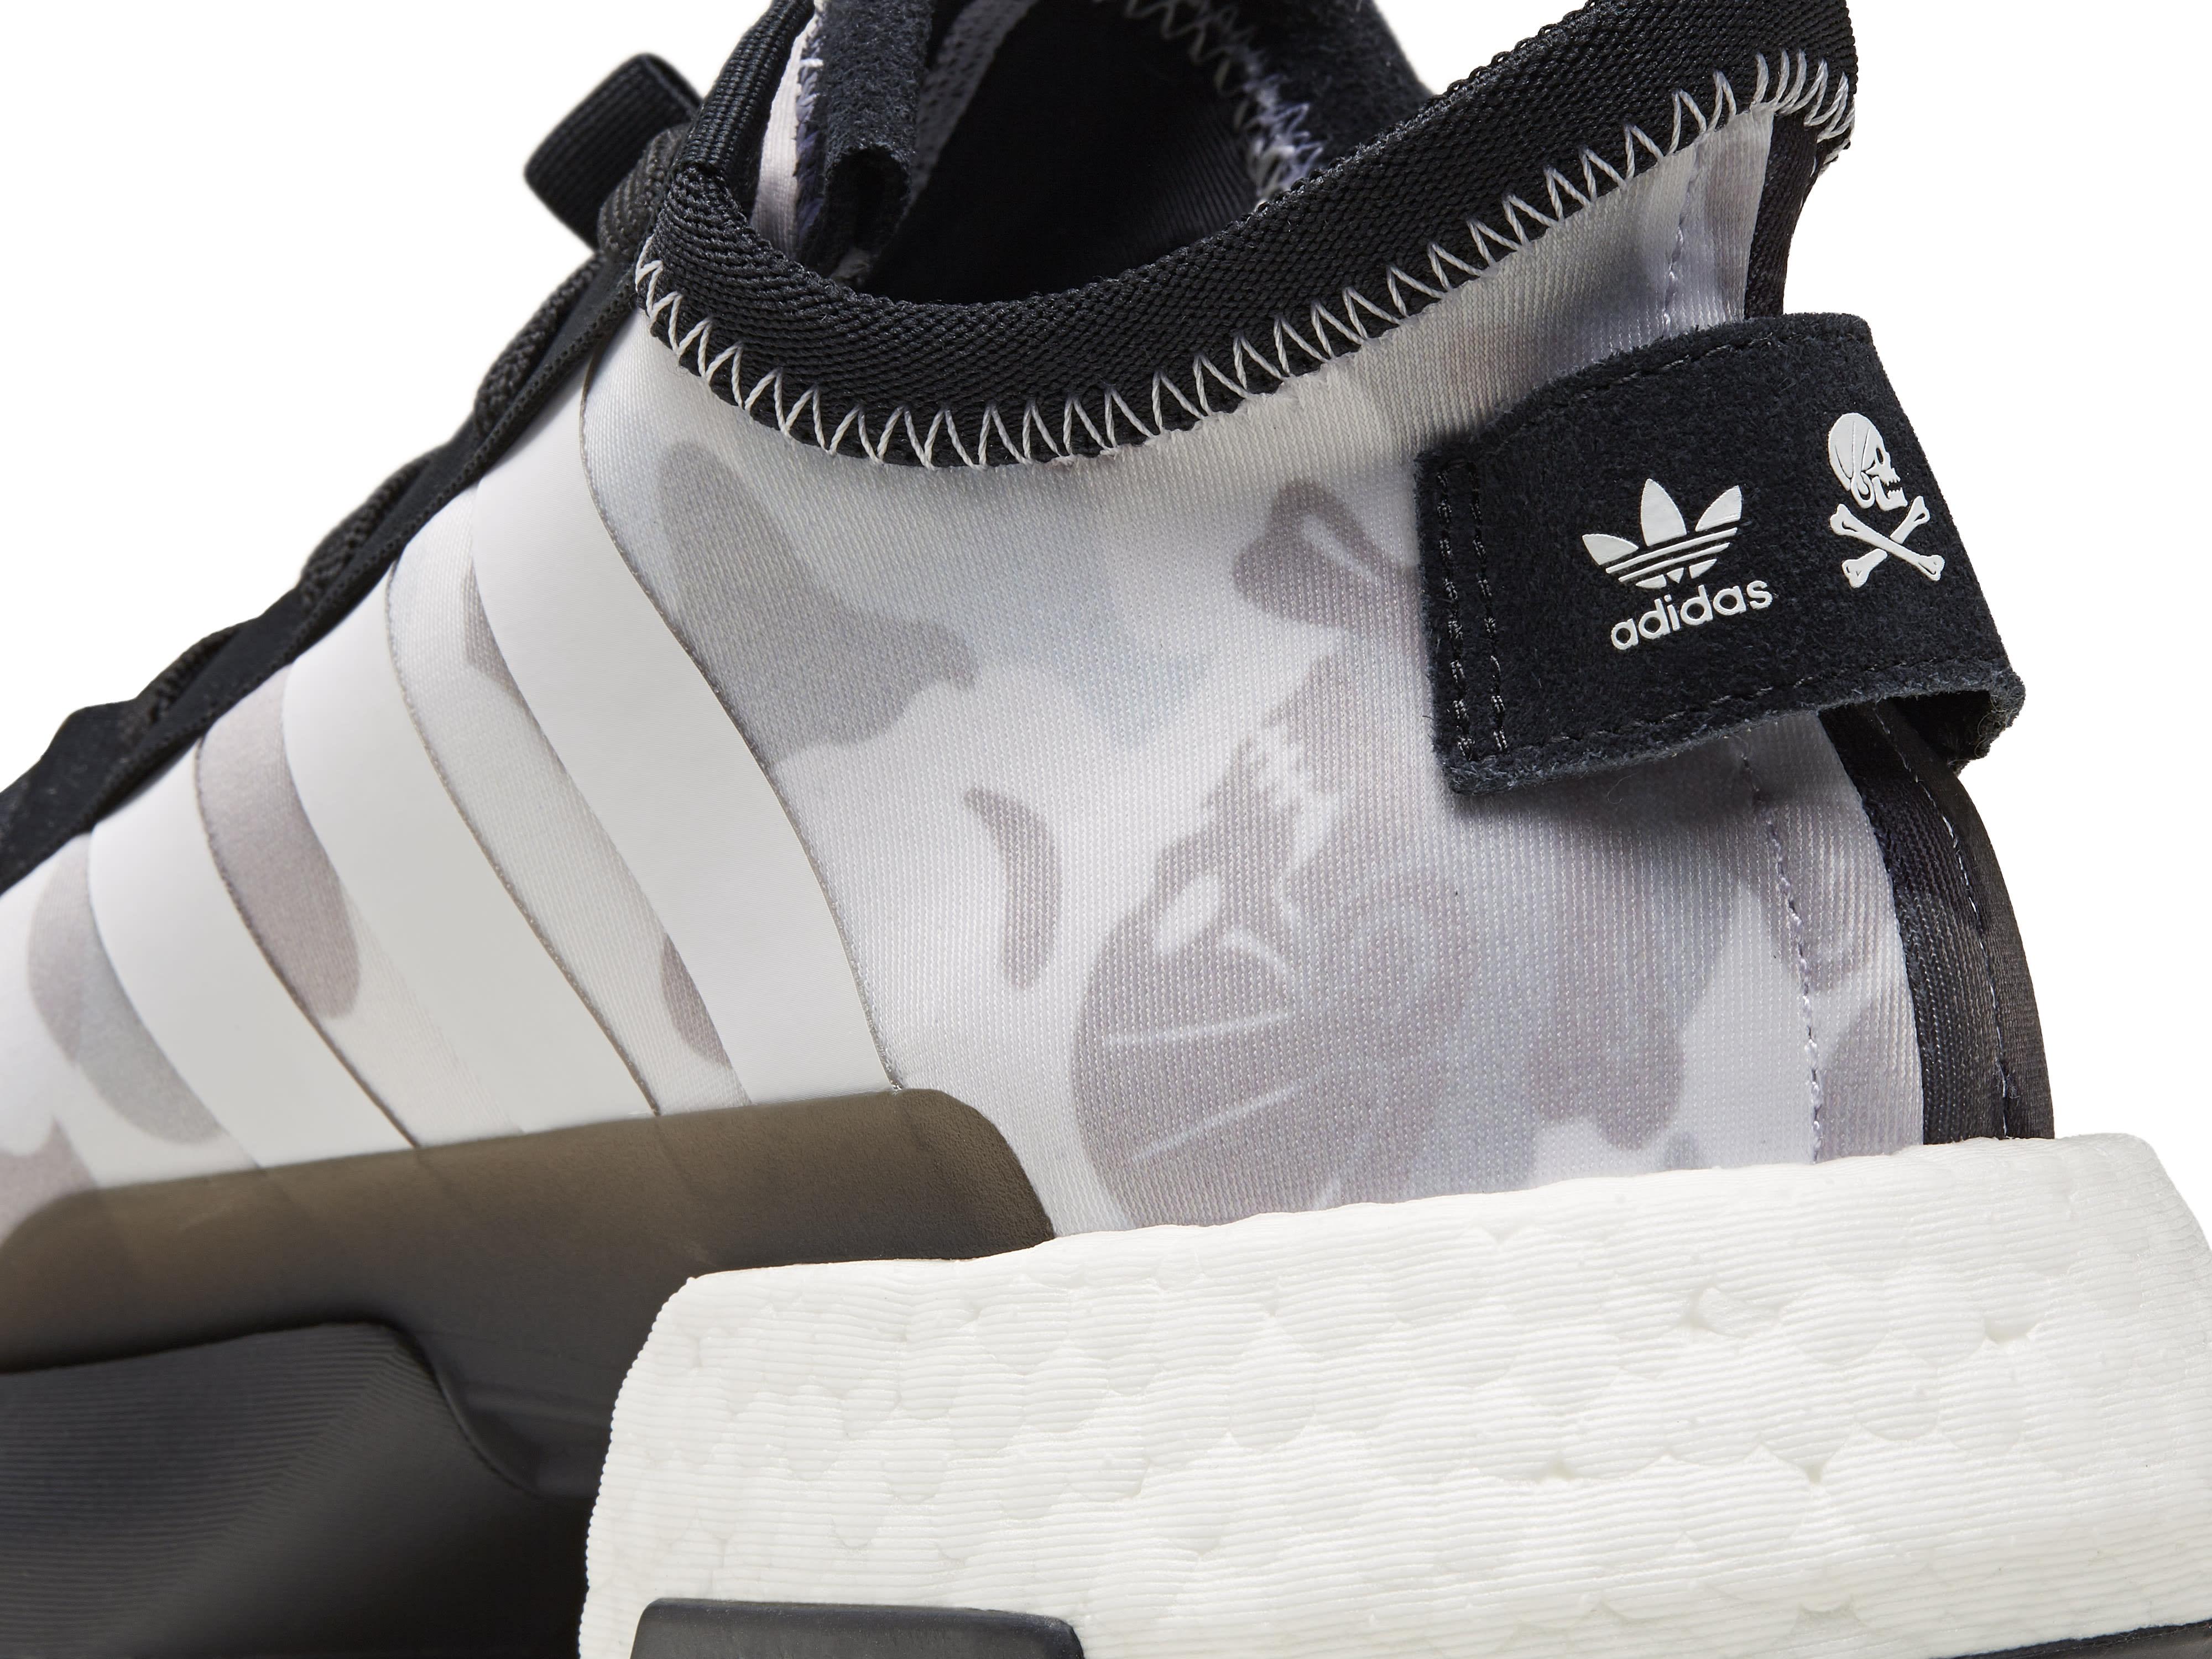 Bape x Neighborhood x Adidas POD 3.1 EE9431 (Heel)